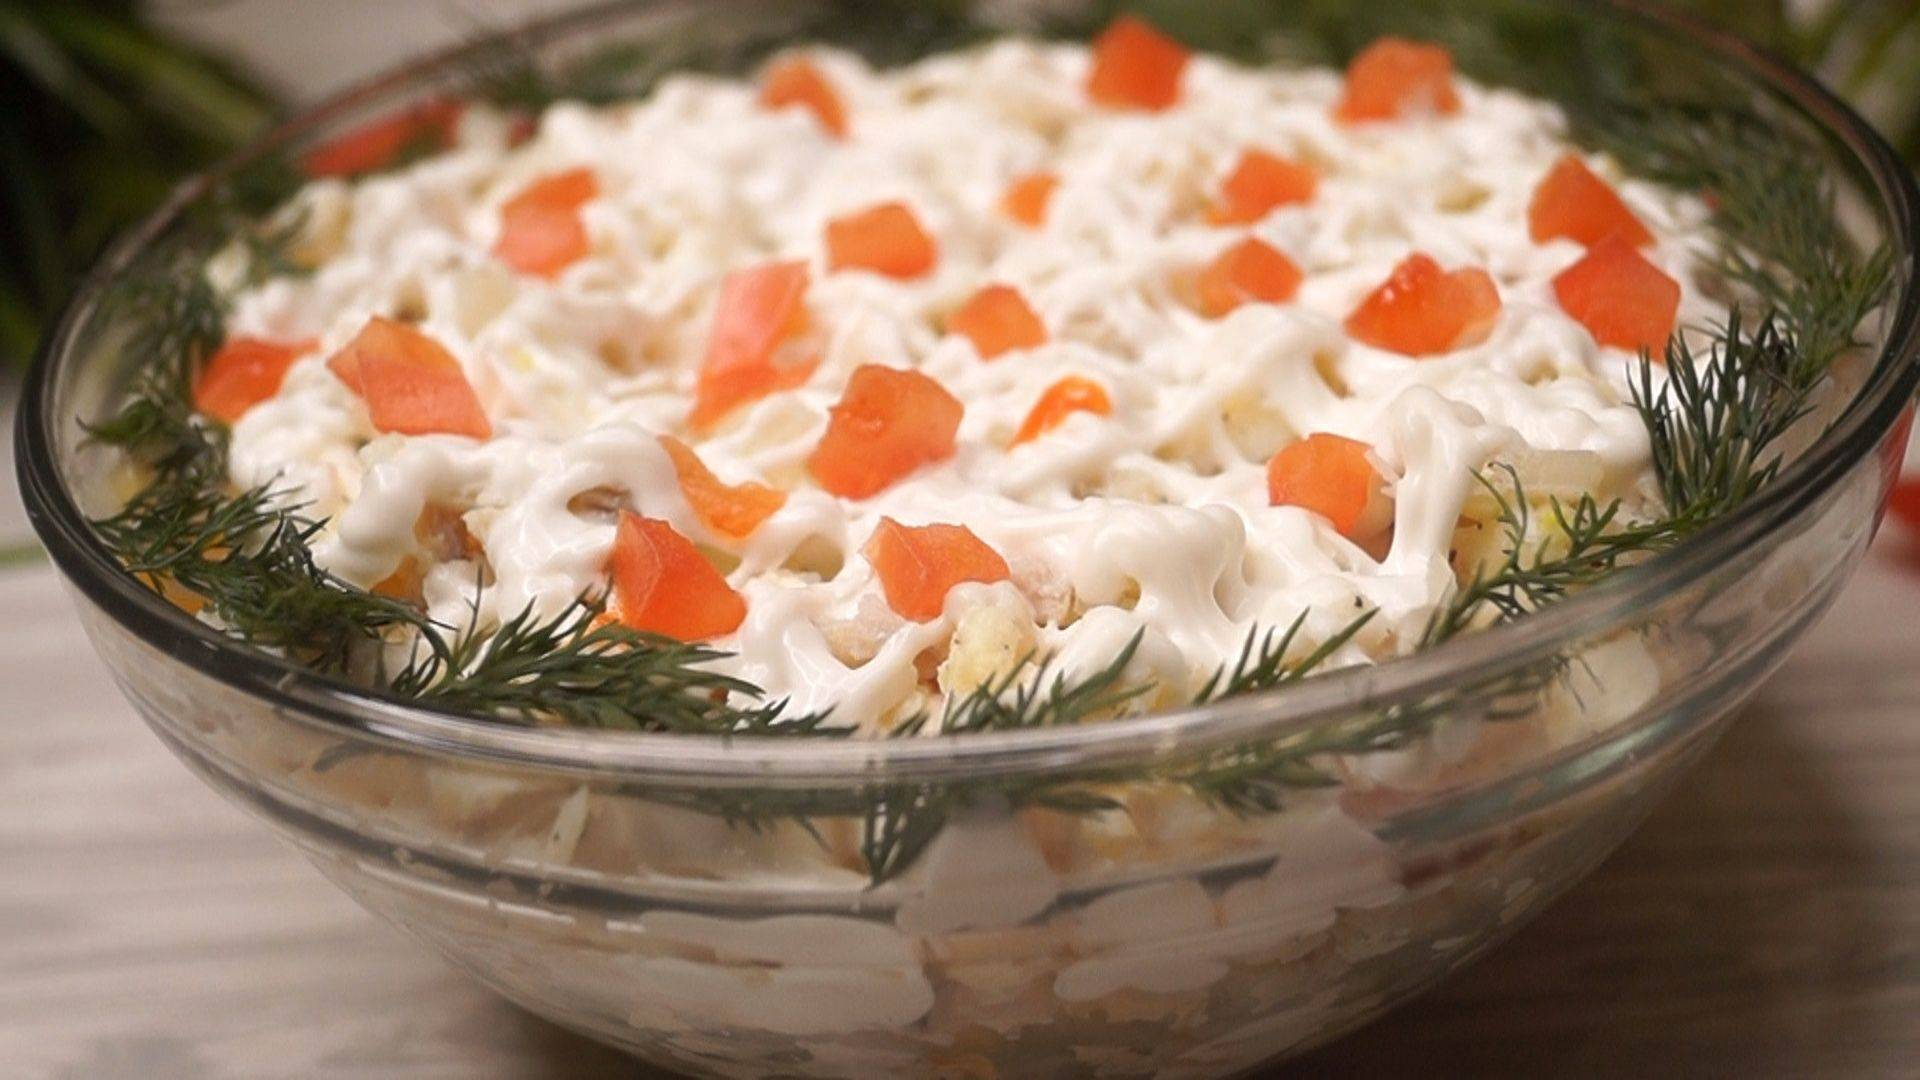 Как приготовить салат с красной рыбой по пошаговому рецепту с фото